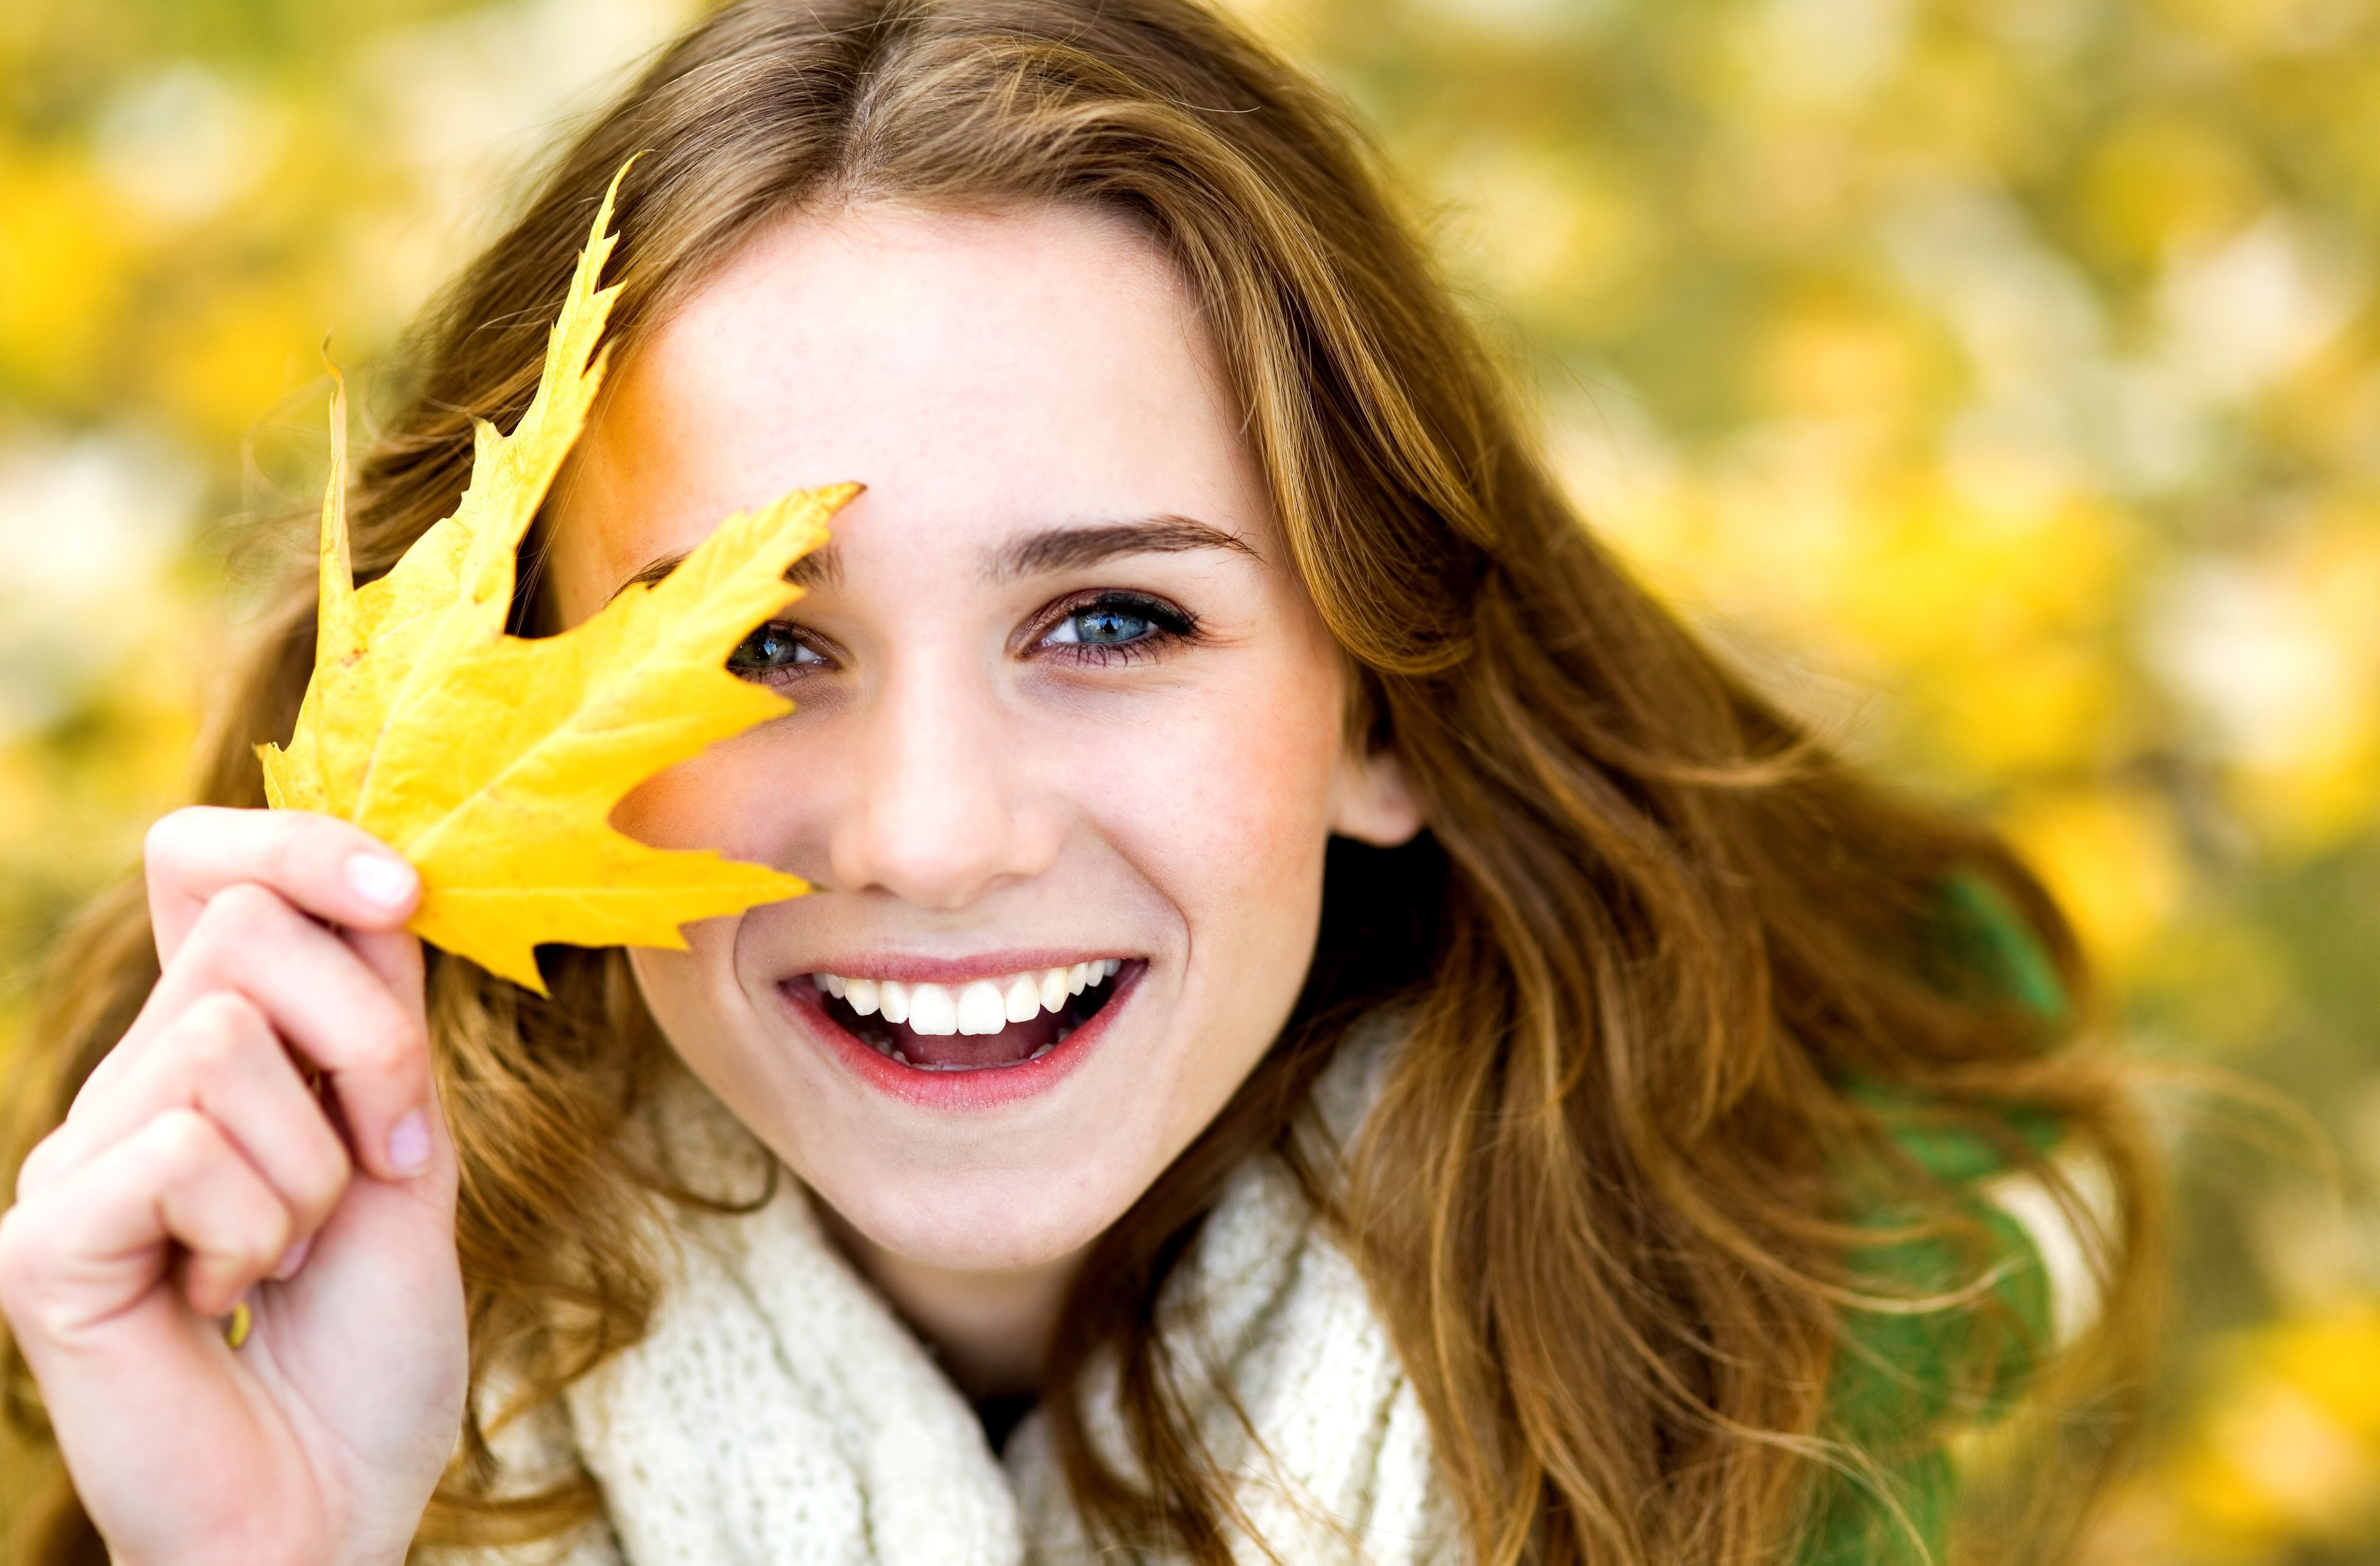 Фото позитива и улыбок